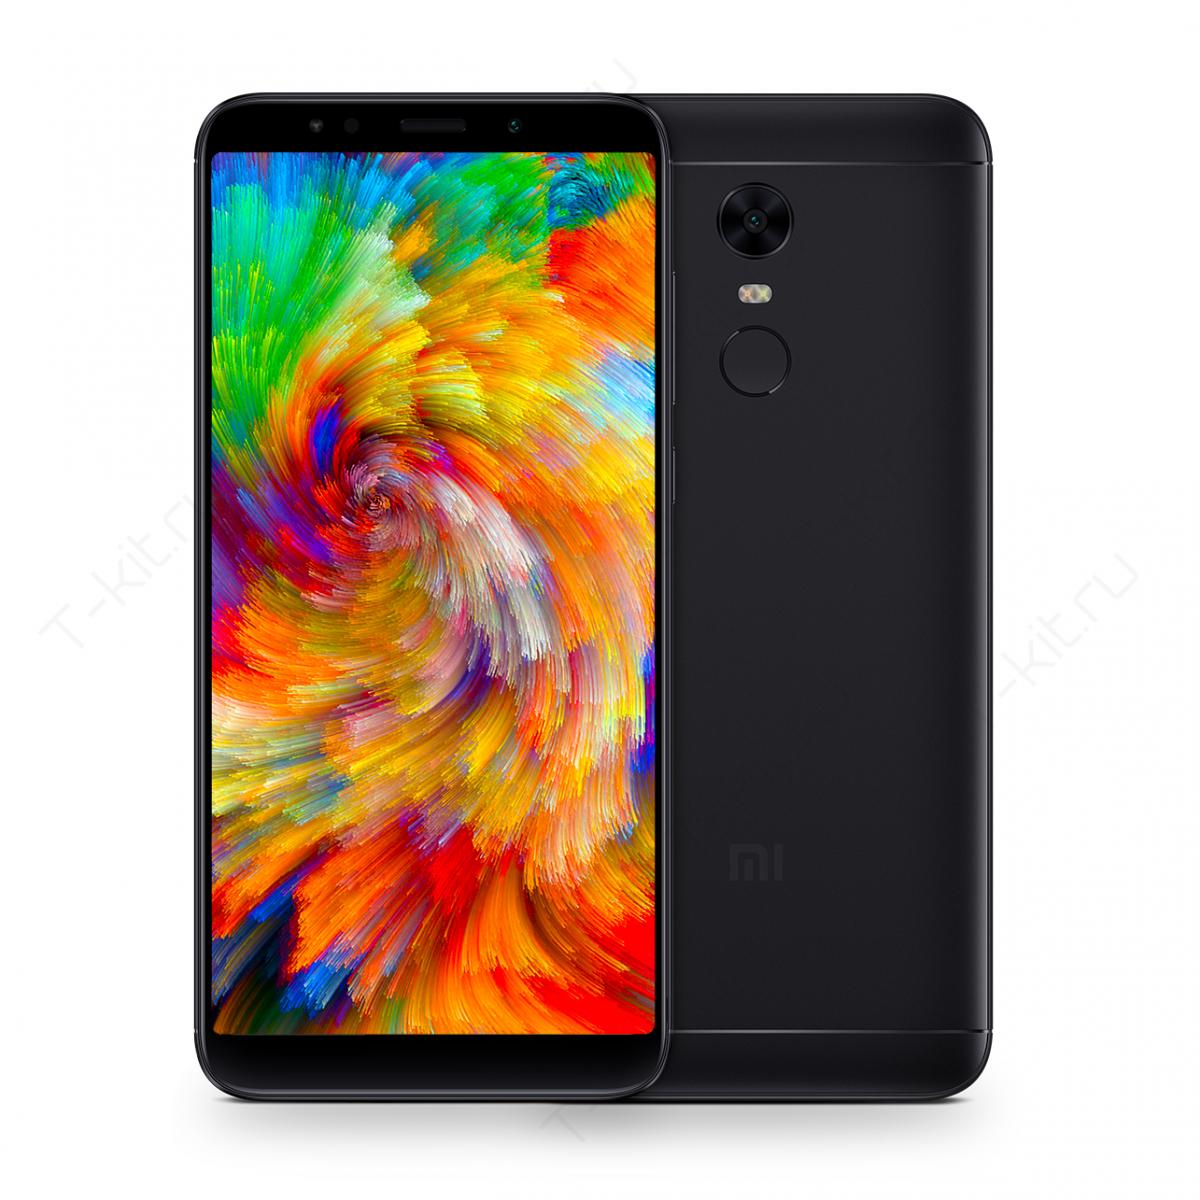 Xiaomi Redmi 5 Plus 3/32GB EU (Black)